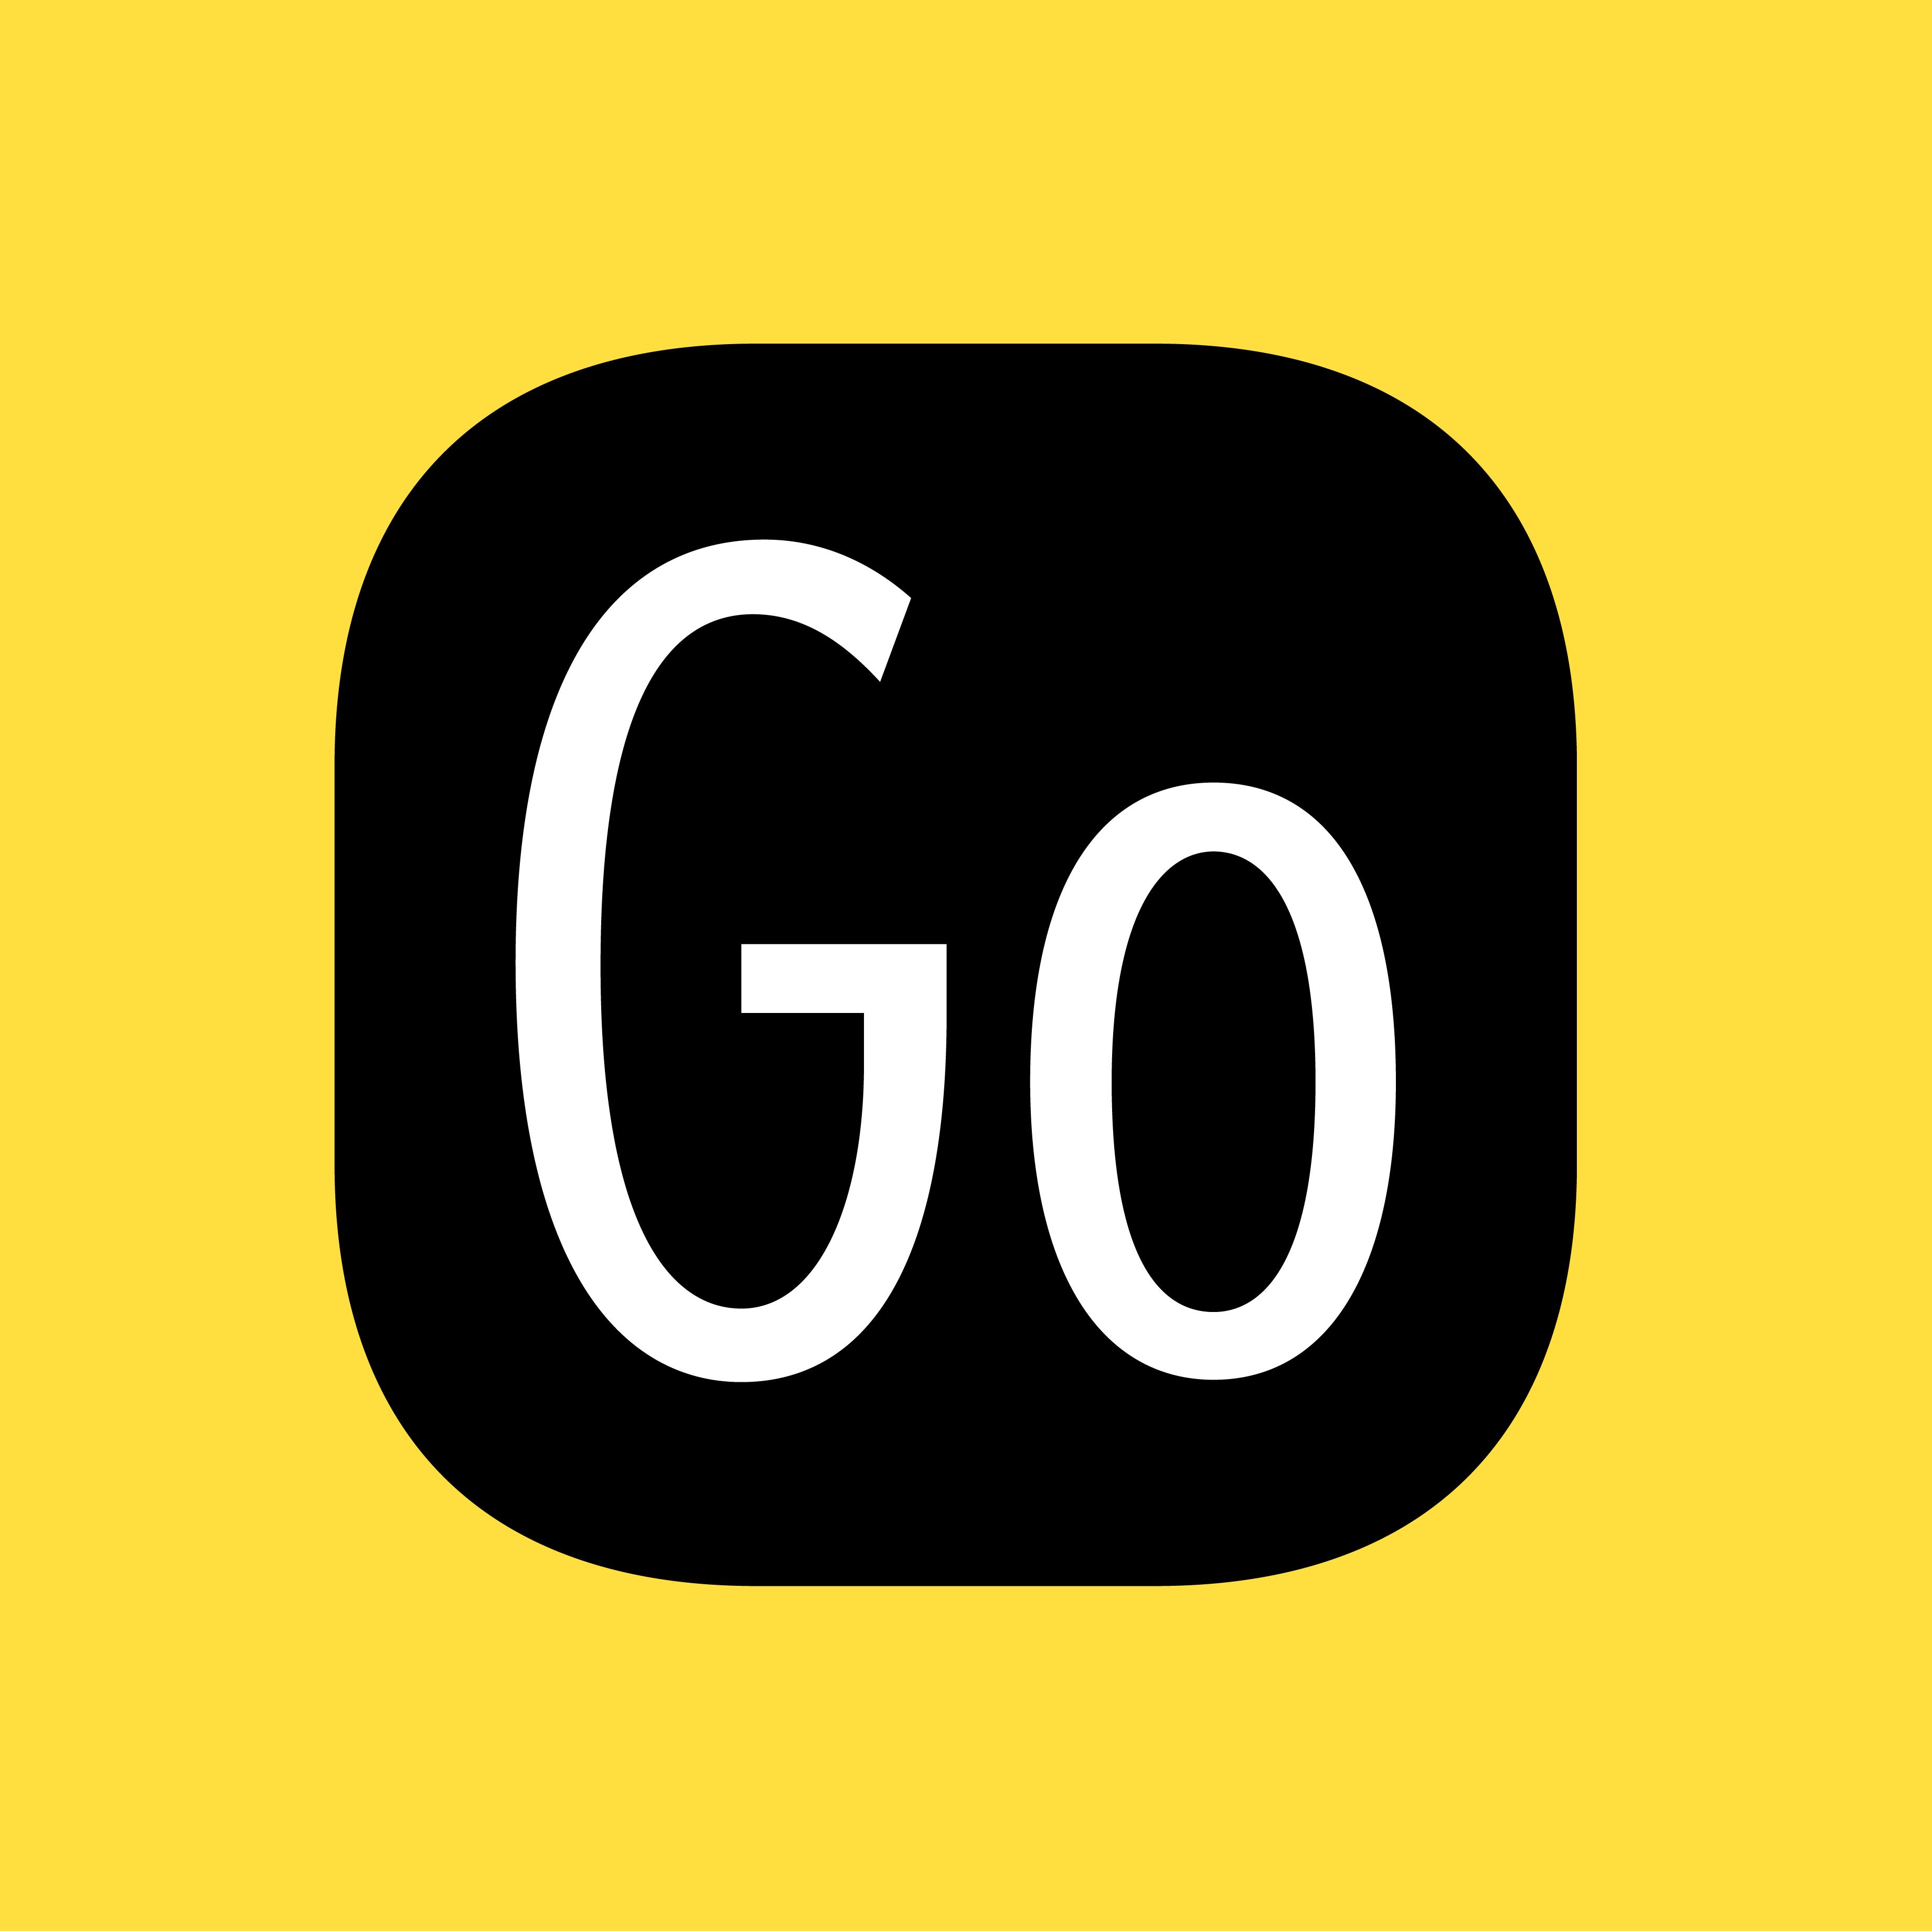 ONY & Яндекс Go cкейсом «ЯндексGo. Суперприложение для жизни вгороде»